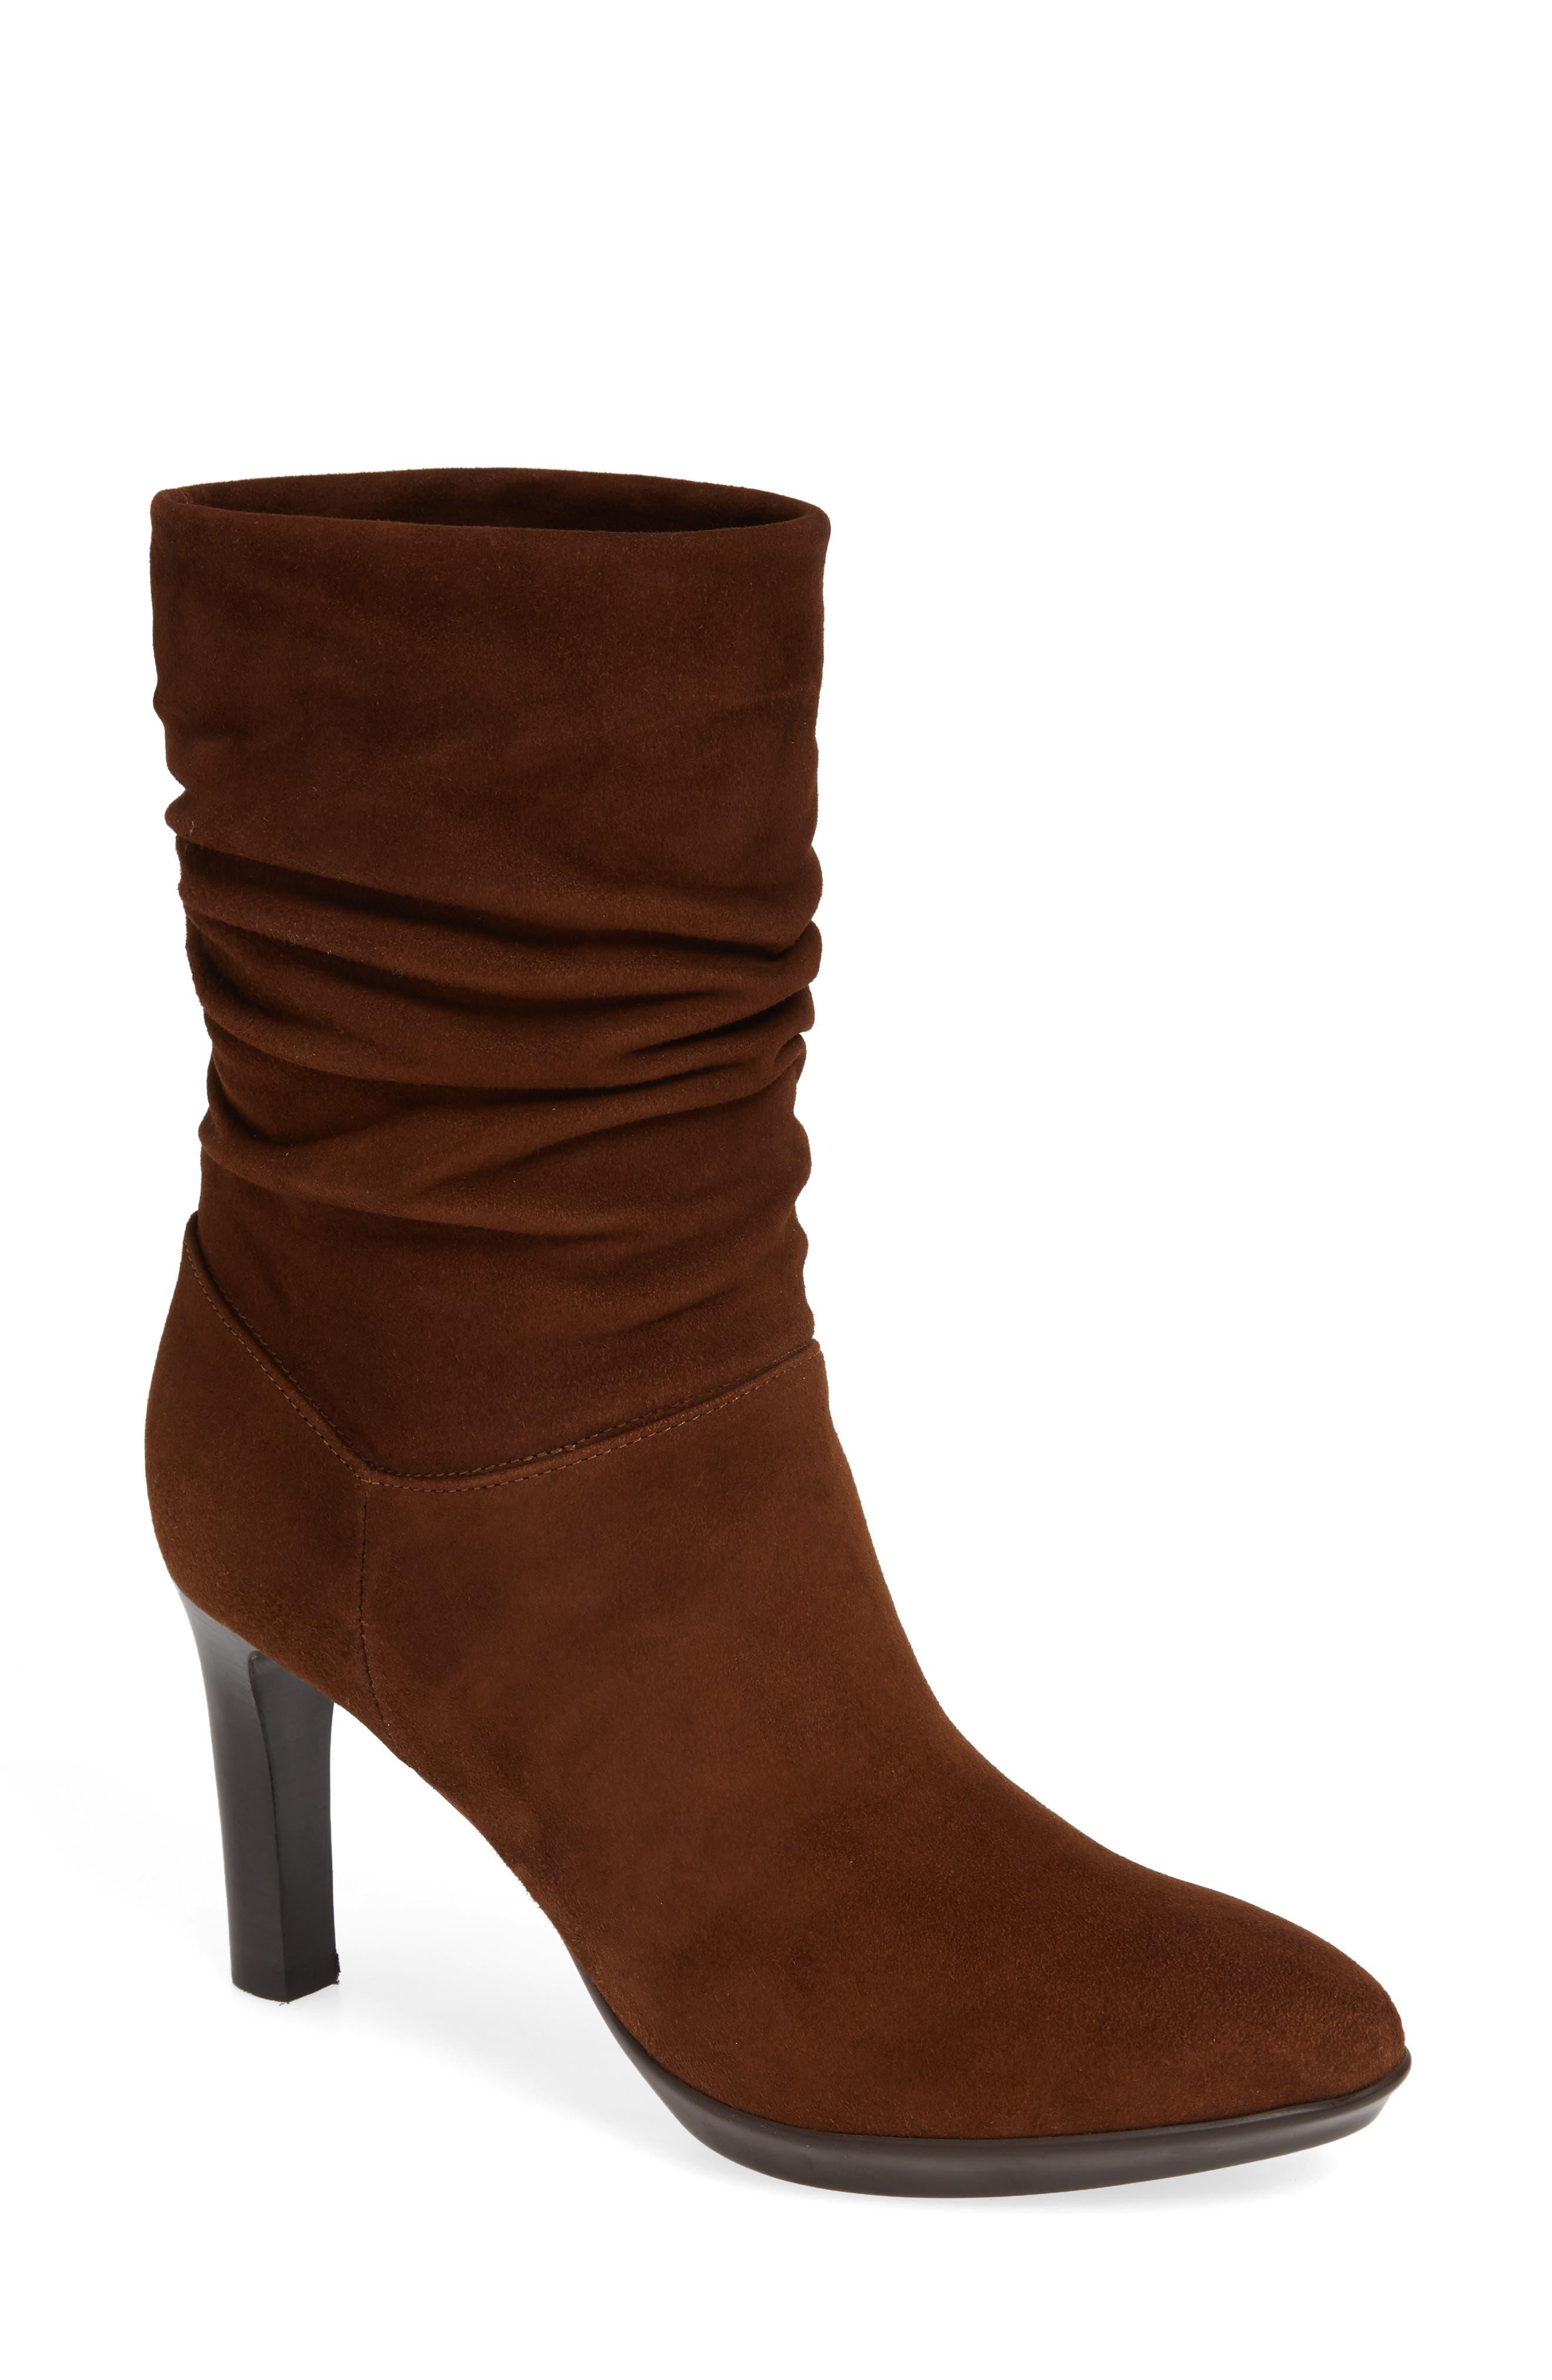 Aquatalia Raegan Weatherproof Boot, Brown